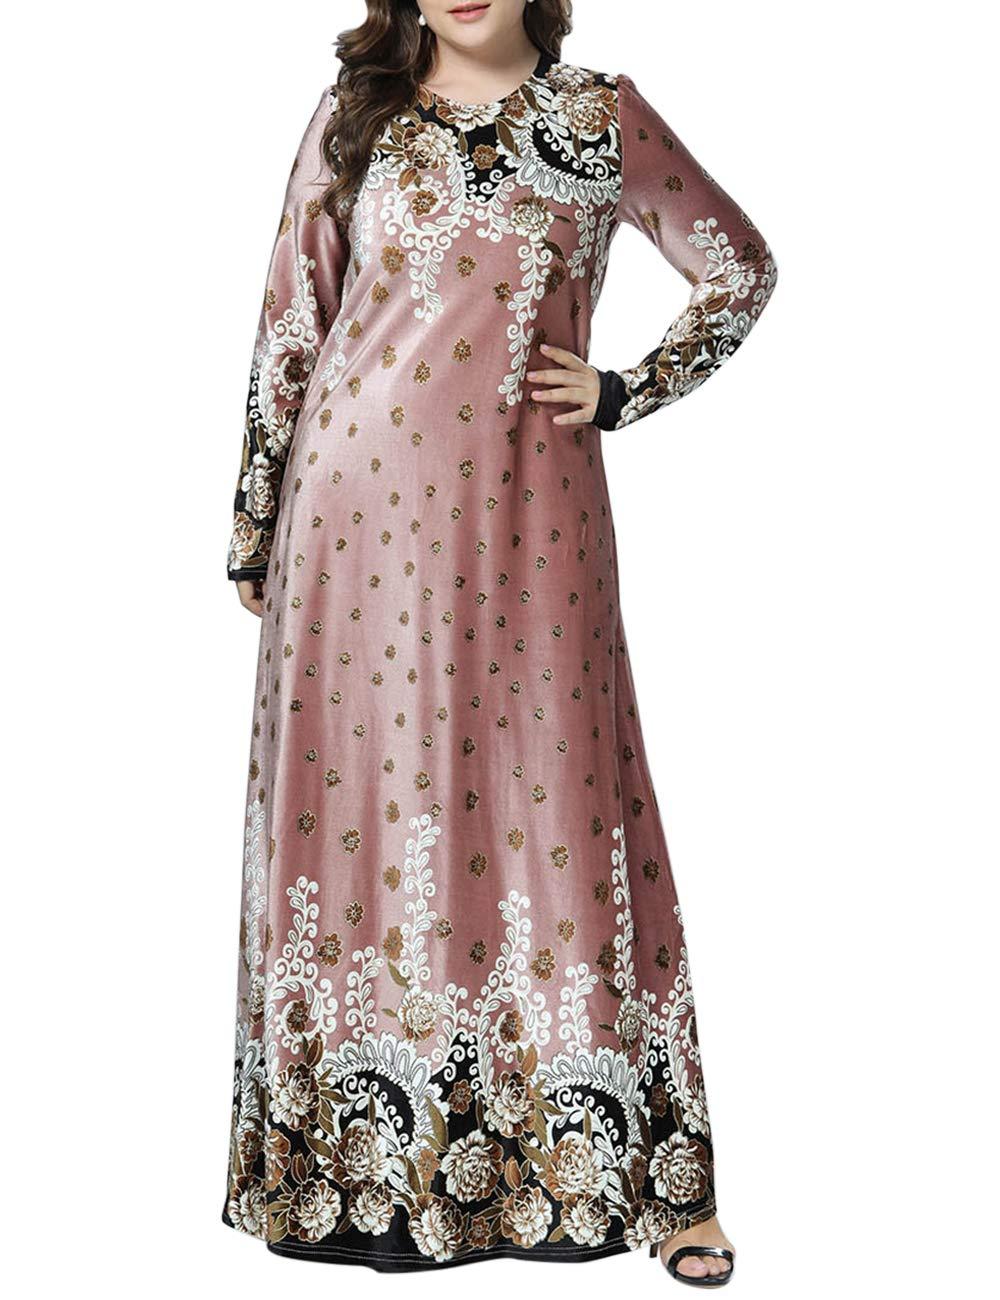 Dames Manche Longue en Vrac D/écontract/ée Gown besbomig Caftan Dubai Abaya Les Musulmans des Robes Marocain Dress Floral Maxi Robe F/ête Robes